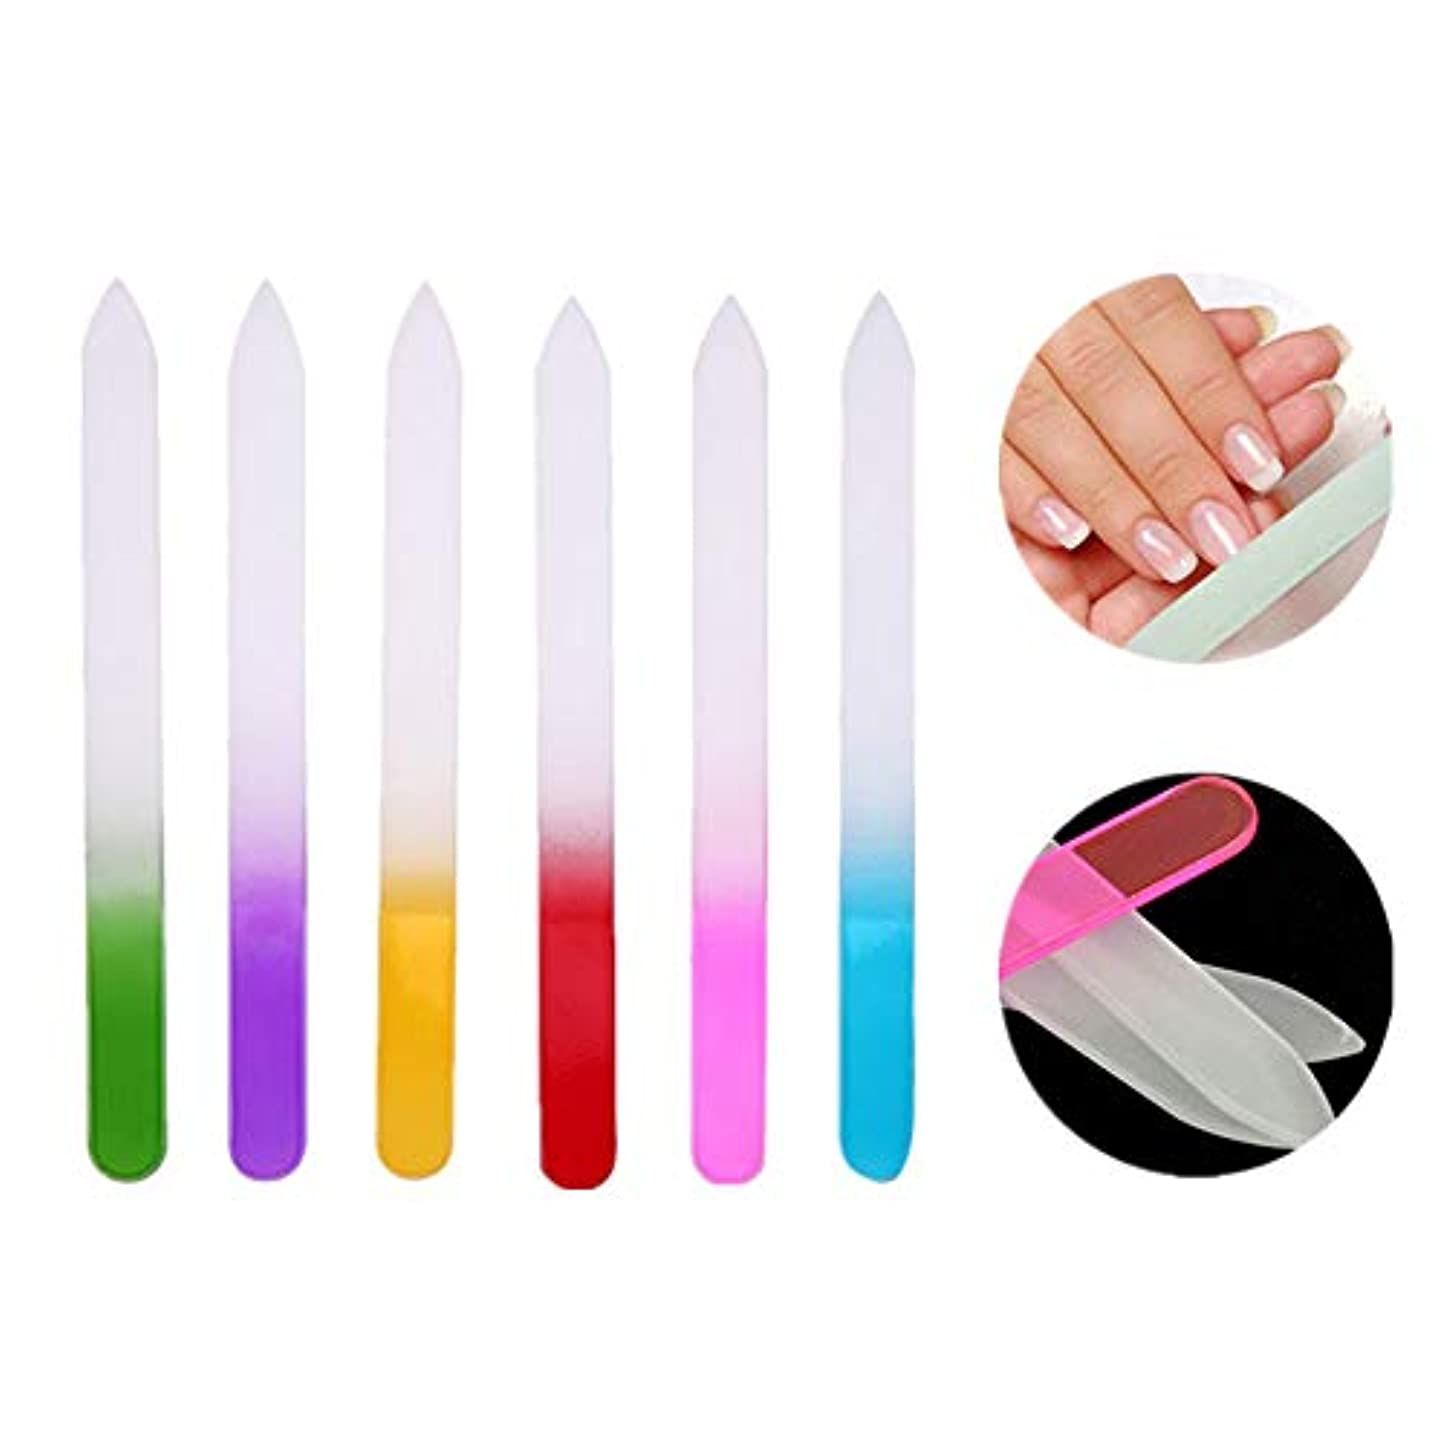 修正ハードウェア靄Kingsie ガラス製 爪やすり 6個セット 14cm 両面タイプ 爪やすり 水洗い可 携帯用 ネイルケア